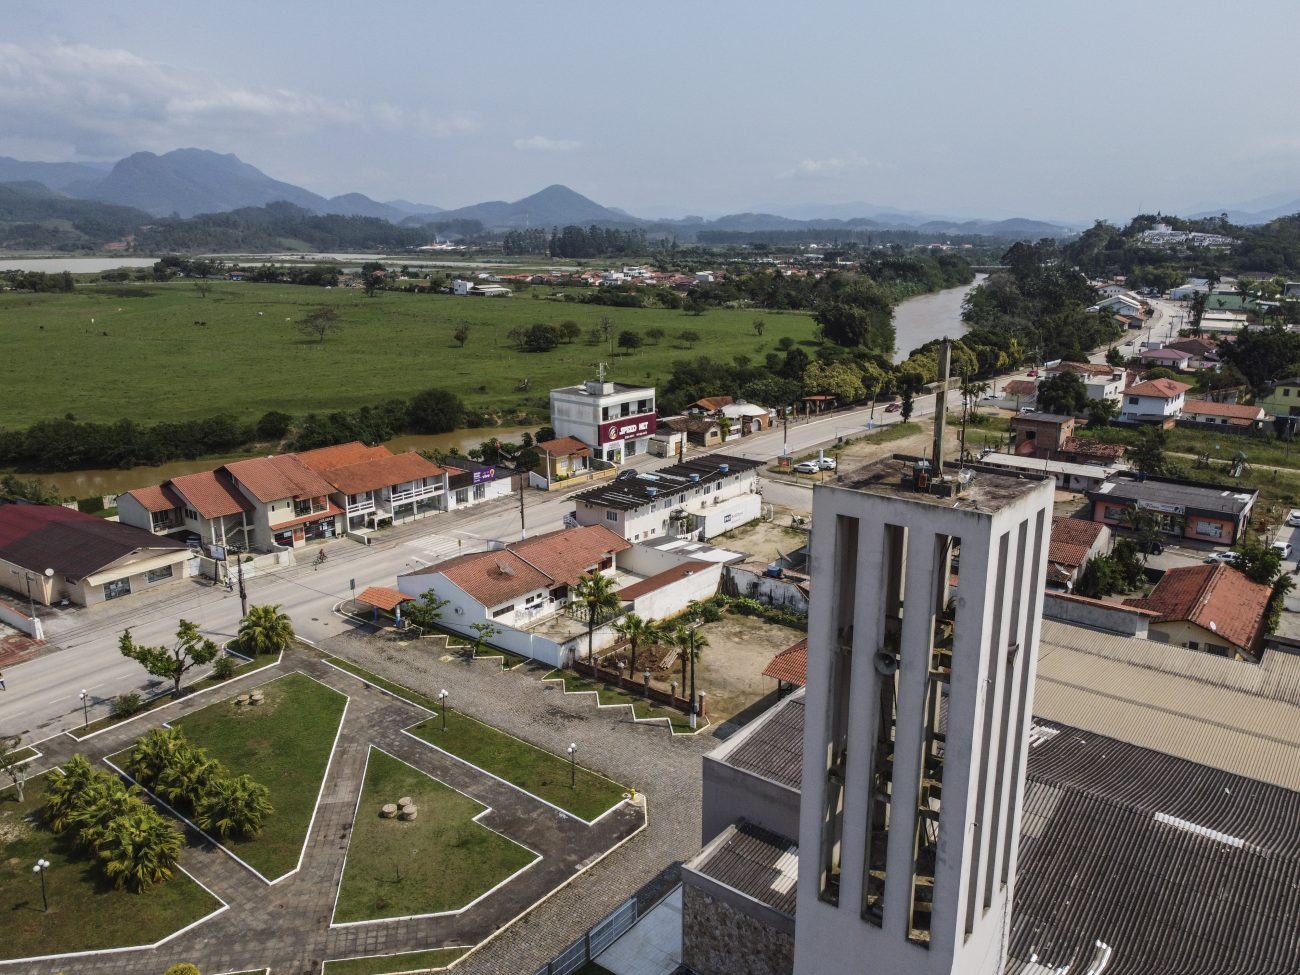 Crime chocou cidade no Vale do Rio Tijucas - DCIM104MEDIADJI_0287.JPG